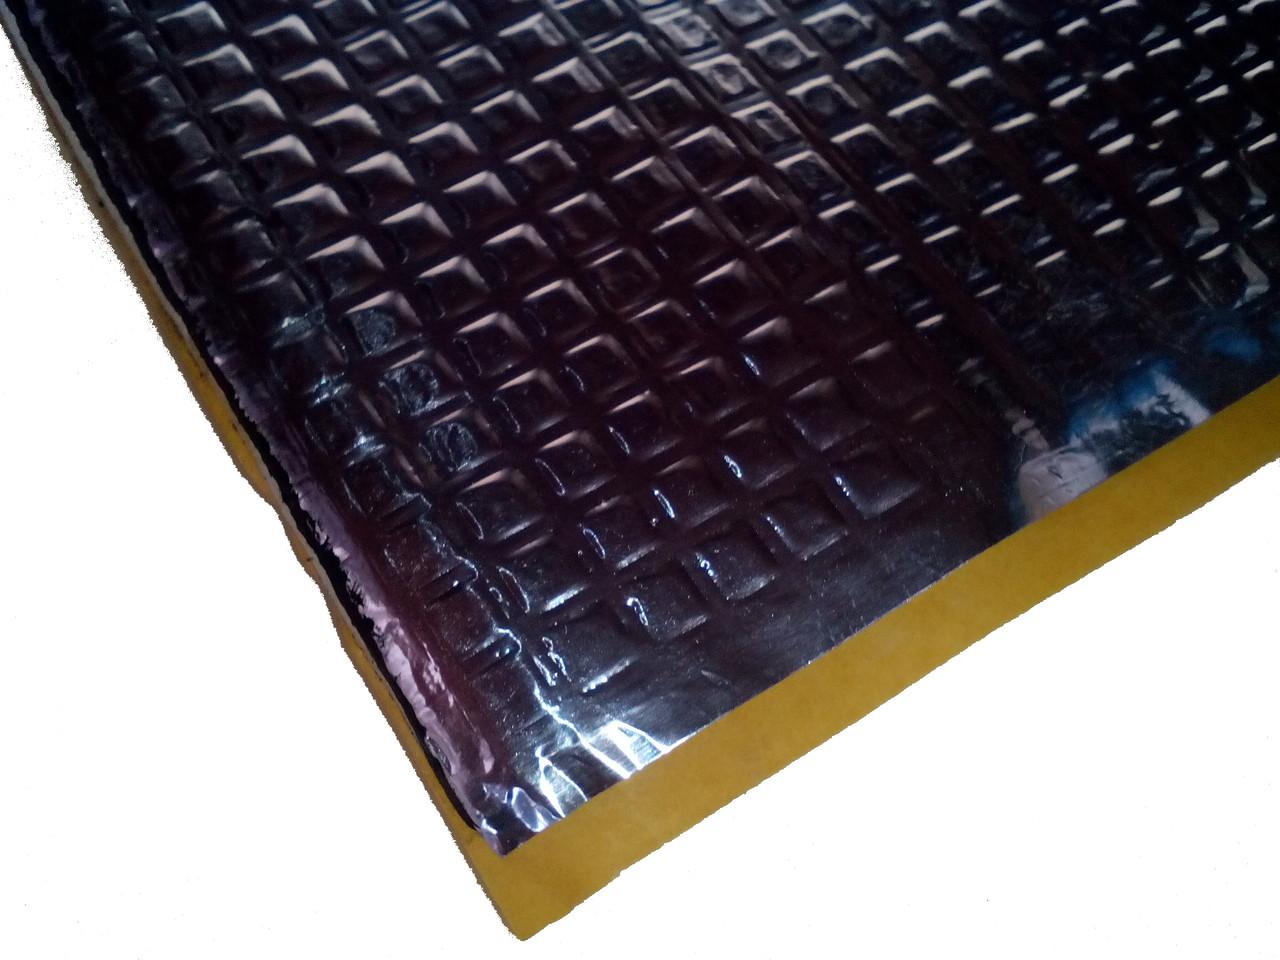 Виброизоляция Визол Vizol 2.0, лист 70см х 50см, толщина - 2мм.